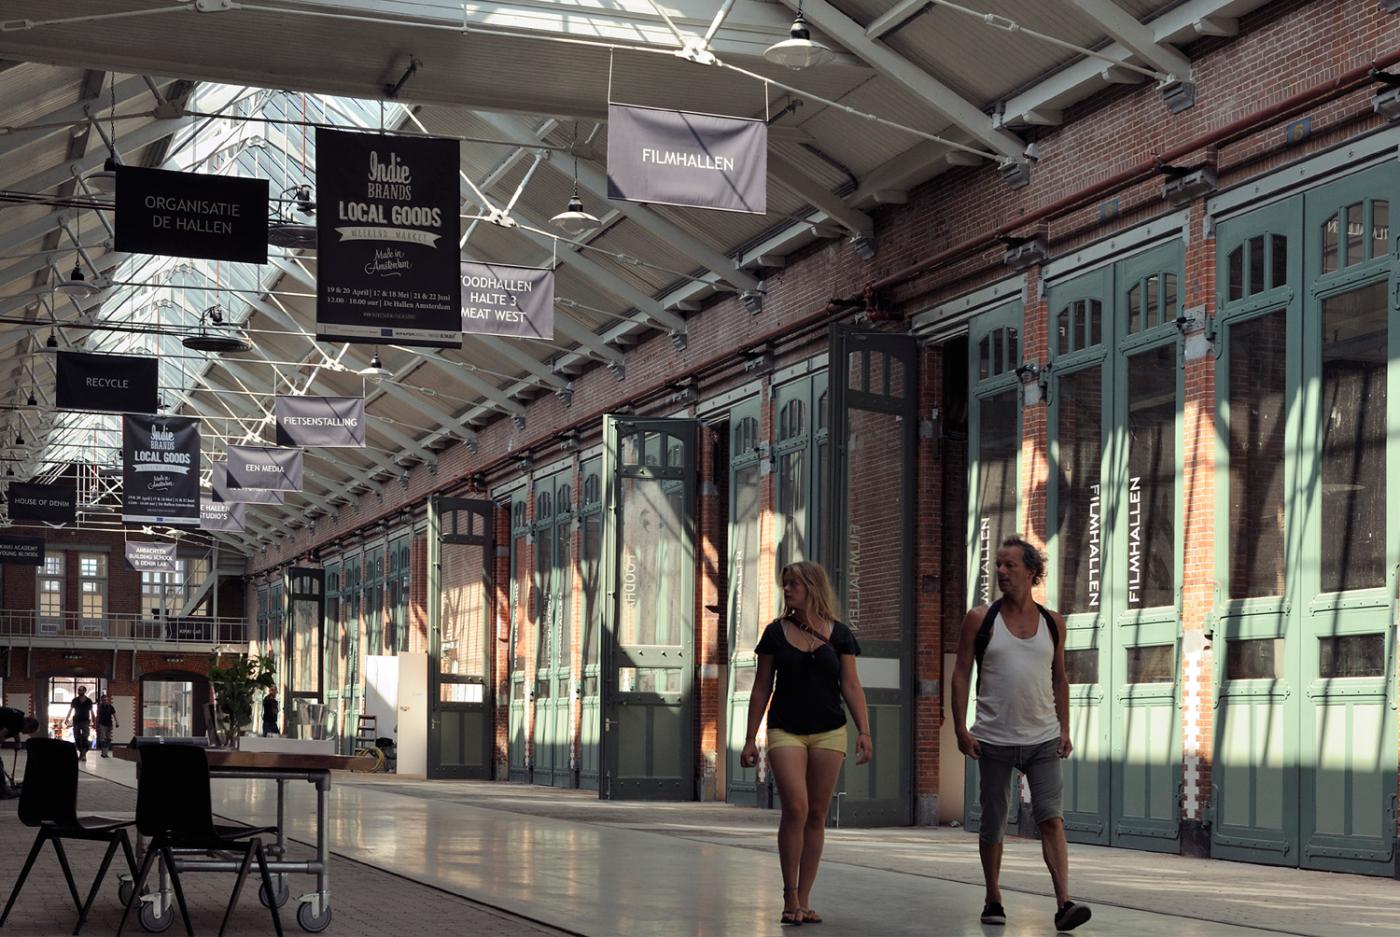 6-buro-sant-en-co-landschapsarchitectuur-openbareruimte-dehallen-amsterdam-west-bilderdijkkade fotodehallen